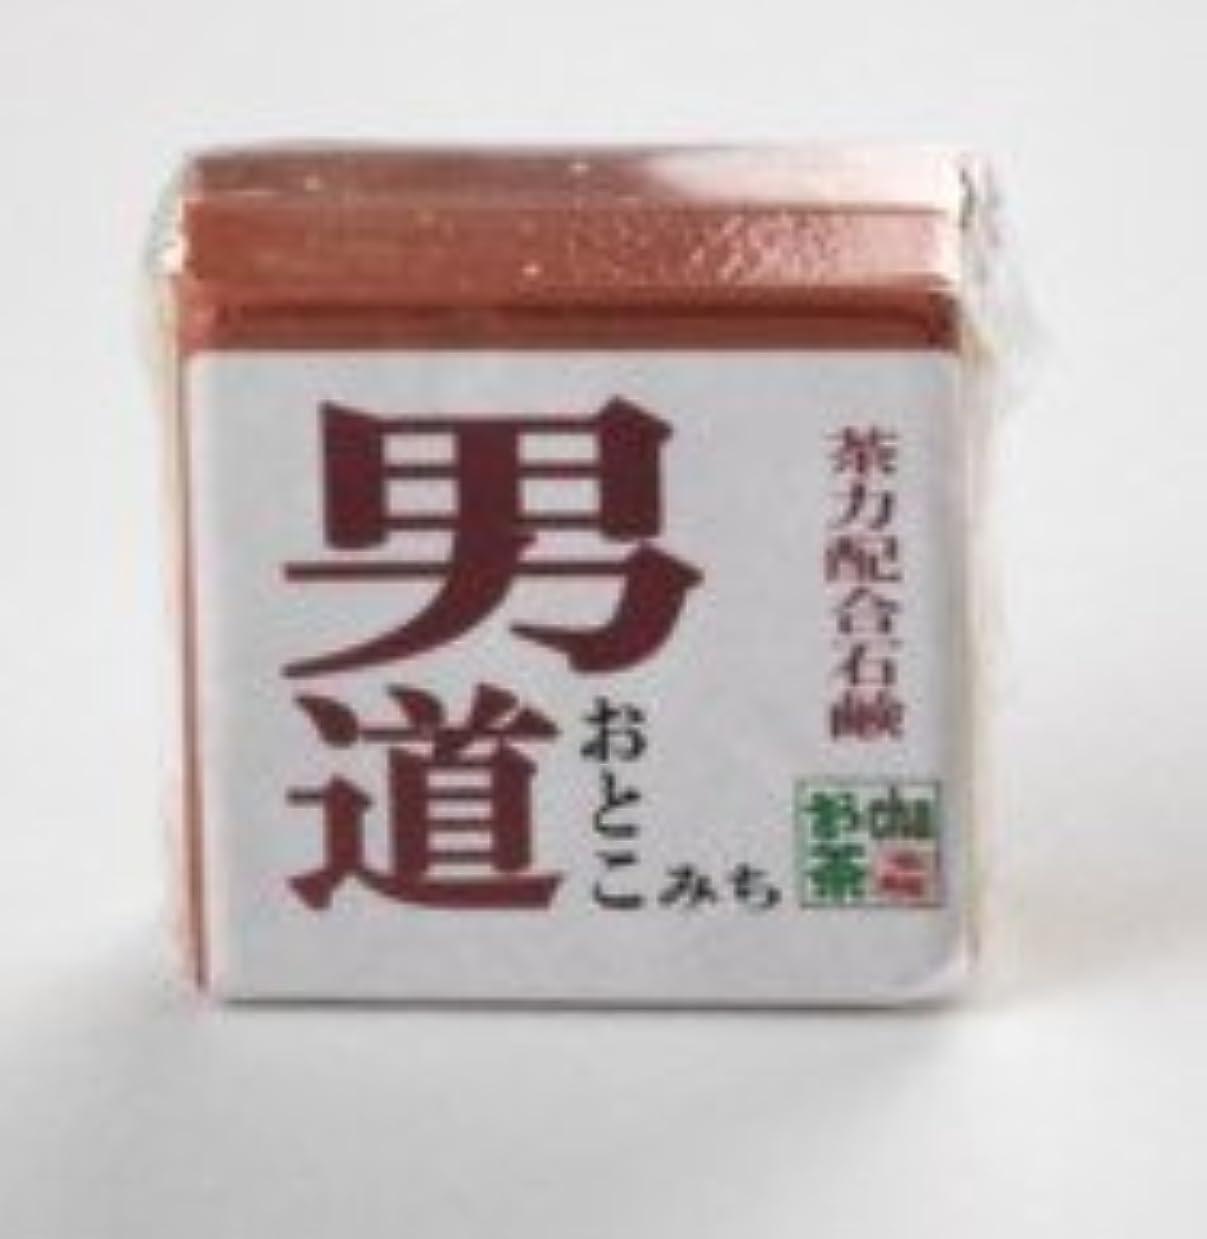 三角形ミキサーテープ消臭抗菌 完全無添加 男性用 せっけん 「男道 (おとこみち)」 植物原料の力で 肌を優しく清潔に保ちます